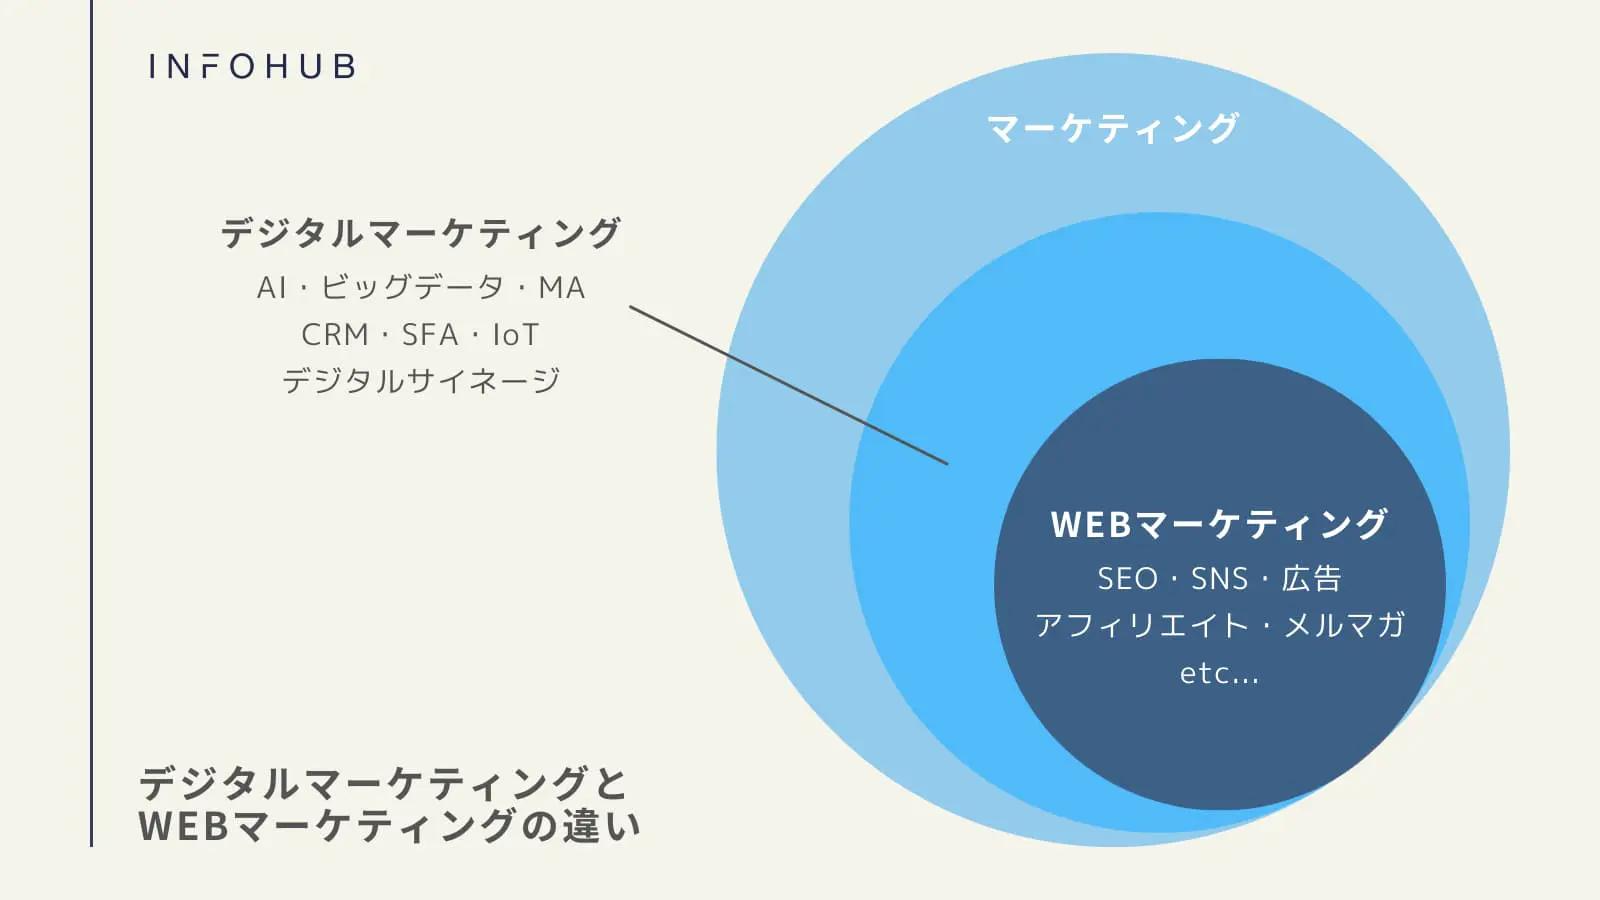 デジタルマーケティングとWebマーケティングは「扱う領域」が違う